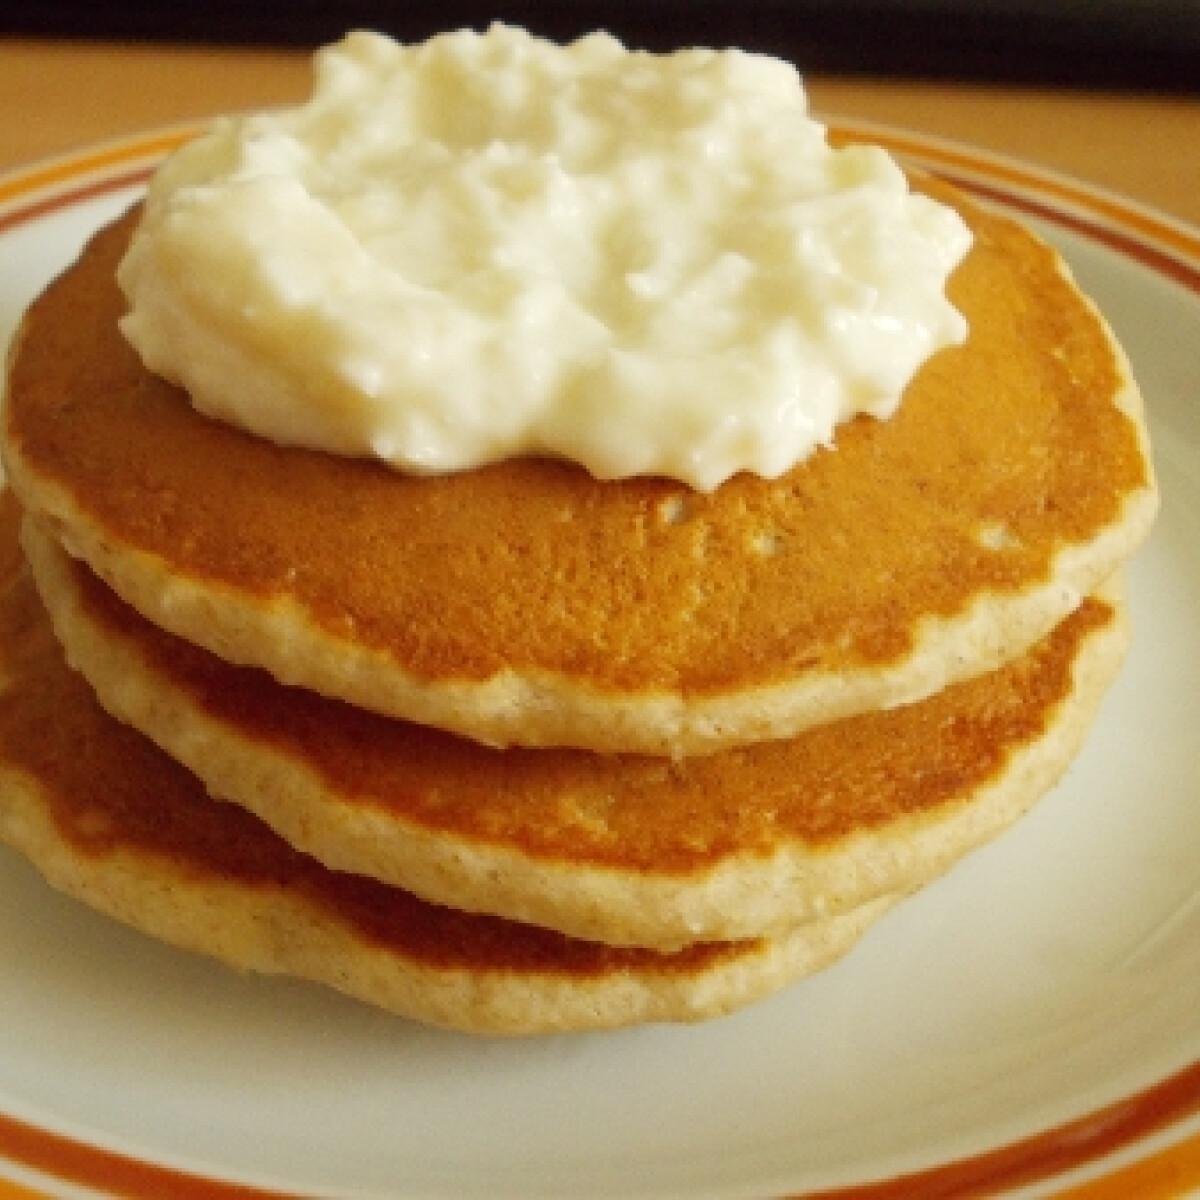 Ezen a képen: Kókuszos amerikai palacsinta - tojás nélkül